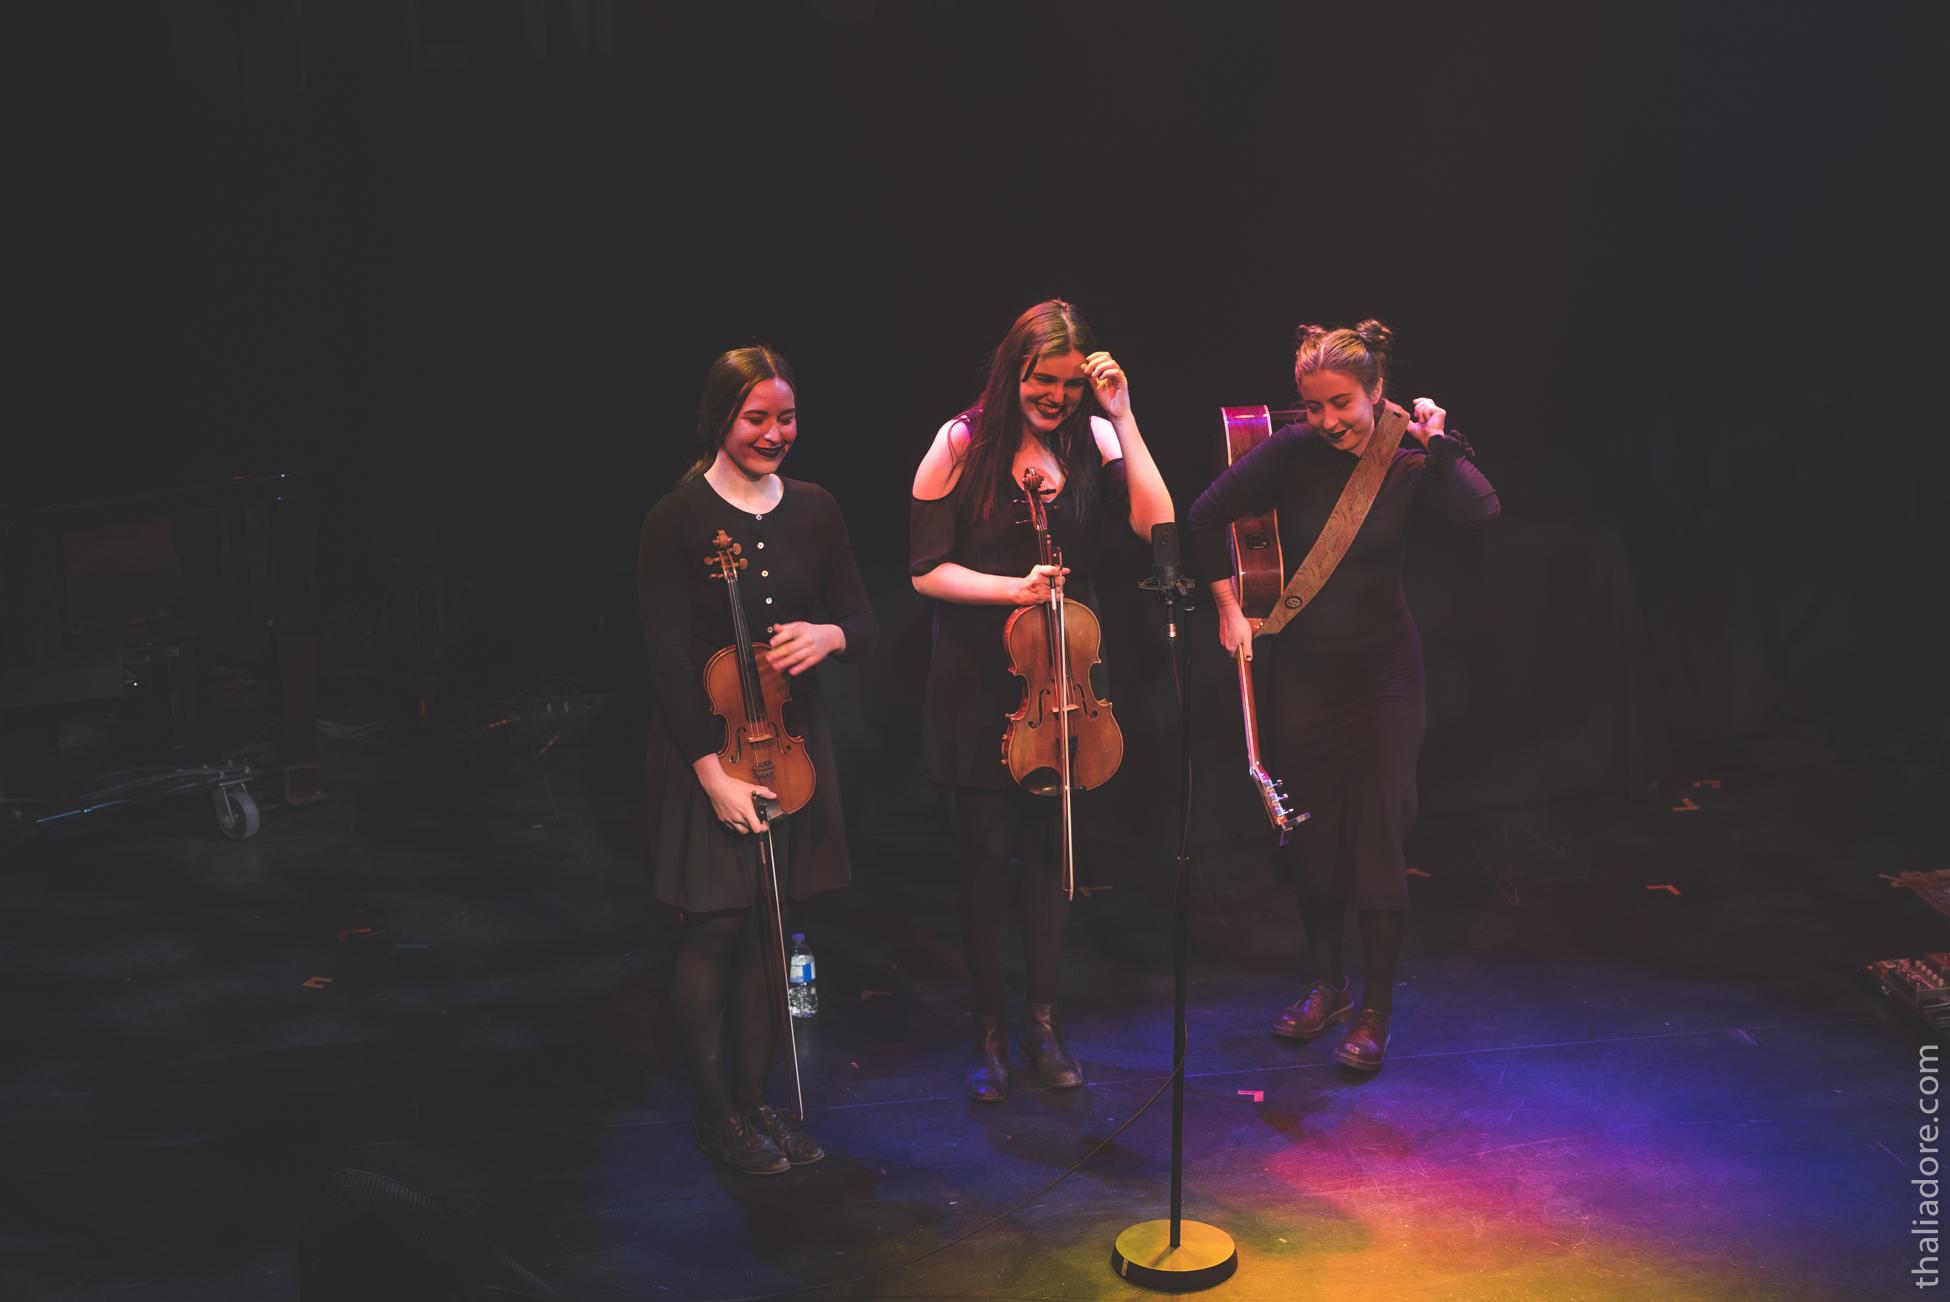 Amande (Rebecca Leclerc, Alexandrine Rodrigue et Joséphine Simard), 2ème place